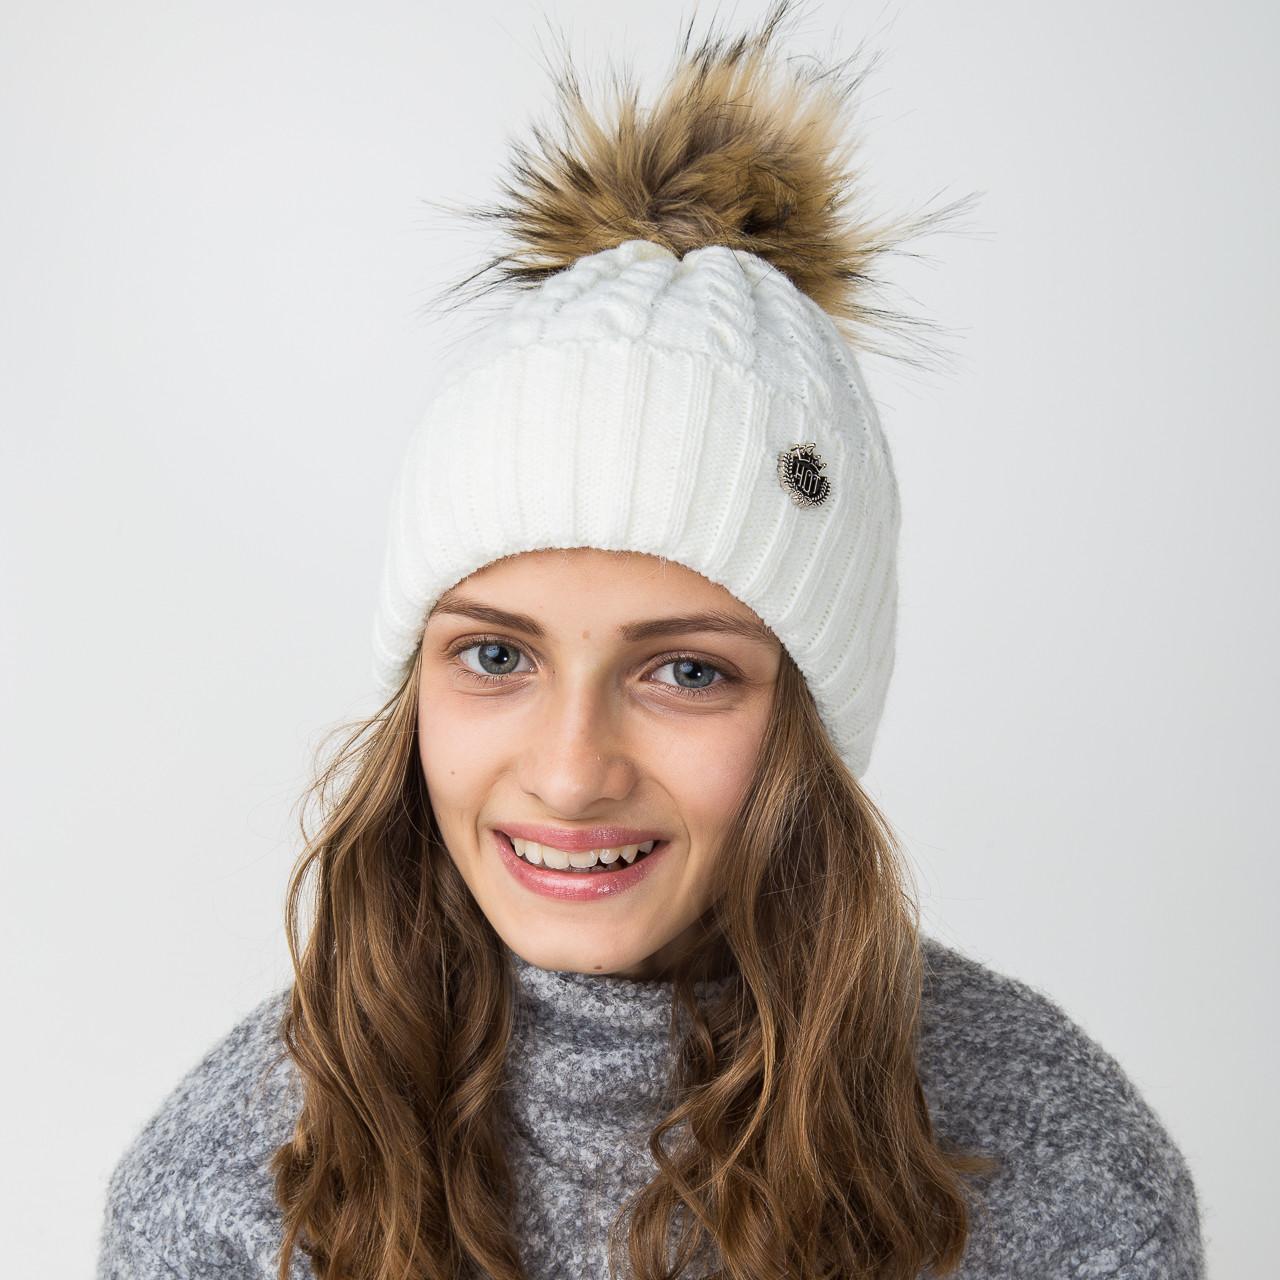 Нарядная вязанная шапка с меховым помпоном для девочек - Артикул 2122-8